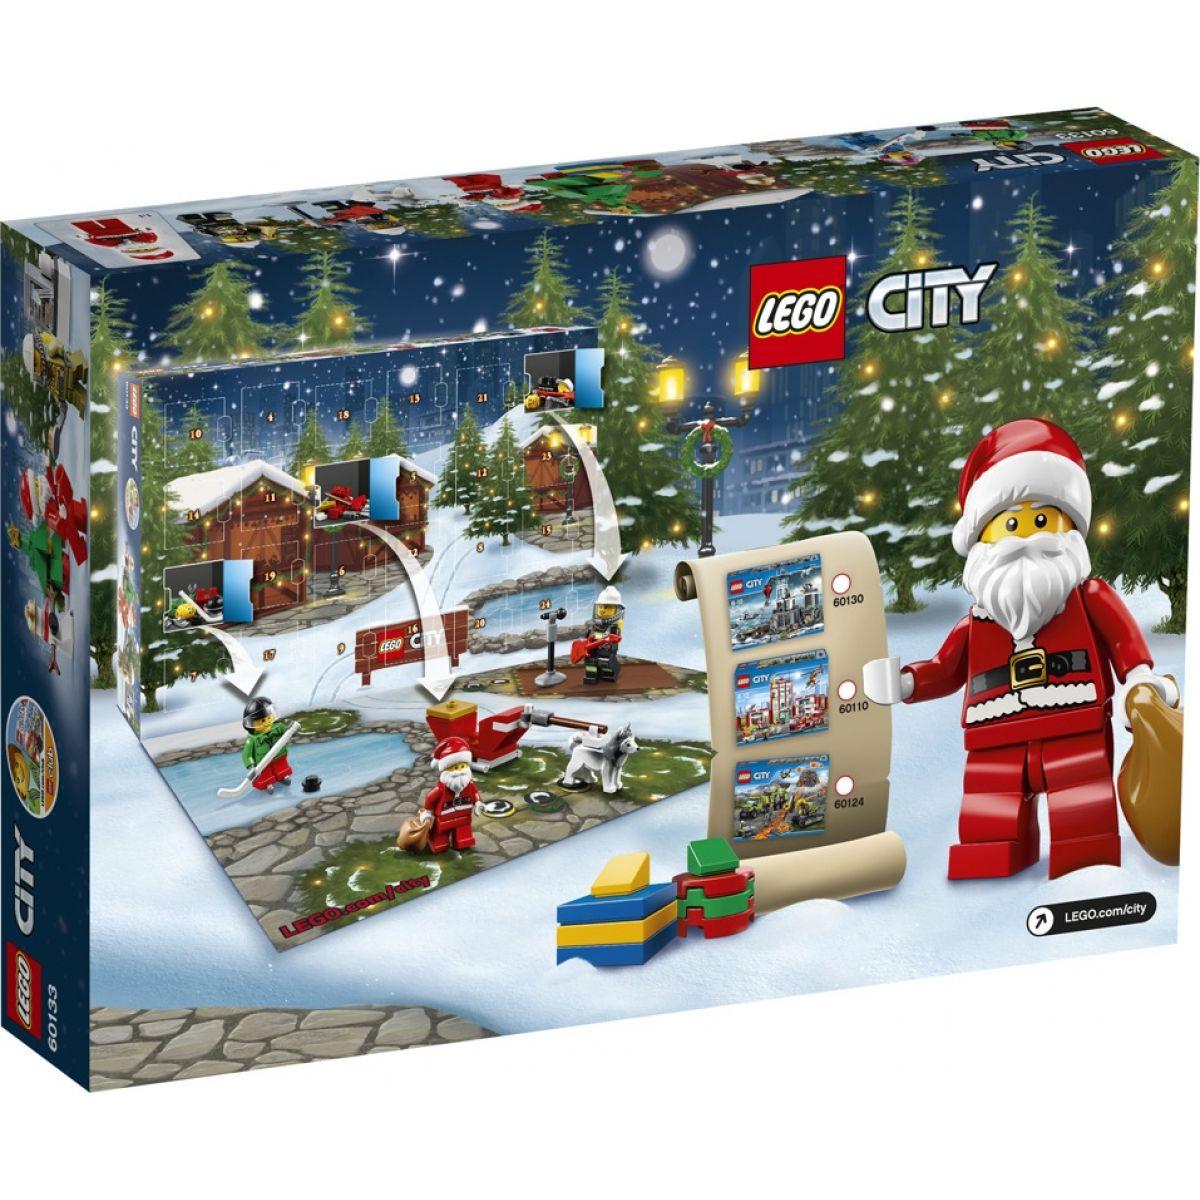 LEGO City 60133 Adventní kalendář - Poškozený obal